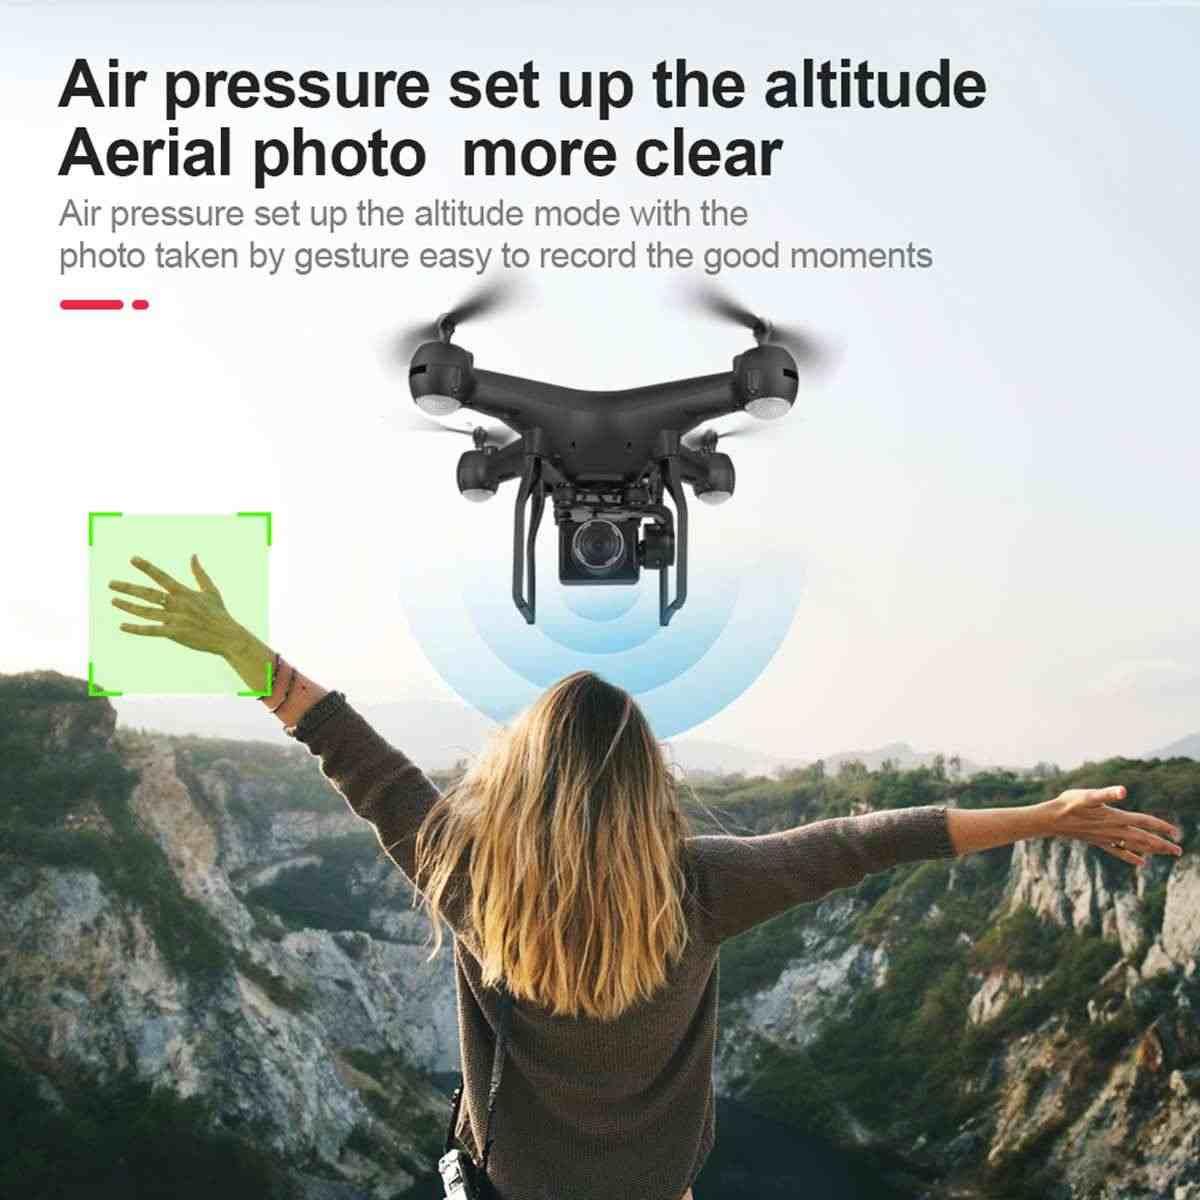 ออกแบบใหม่ 4K 1080 HD กล้องมุมกว้าง Quadcopter WIFI FPV โหมด Hold High พับแขน RC drone แบตเตอรี่